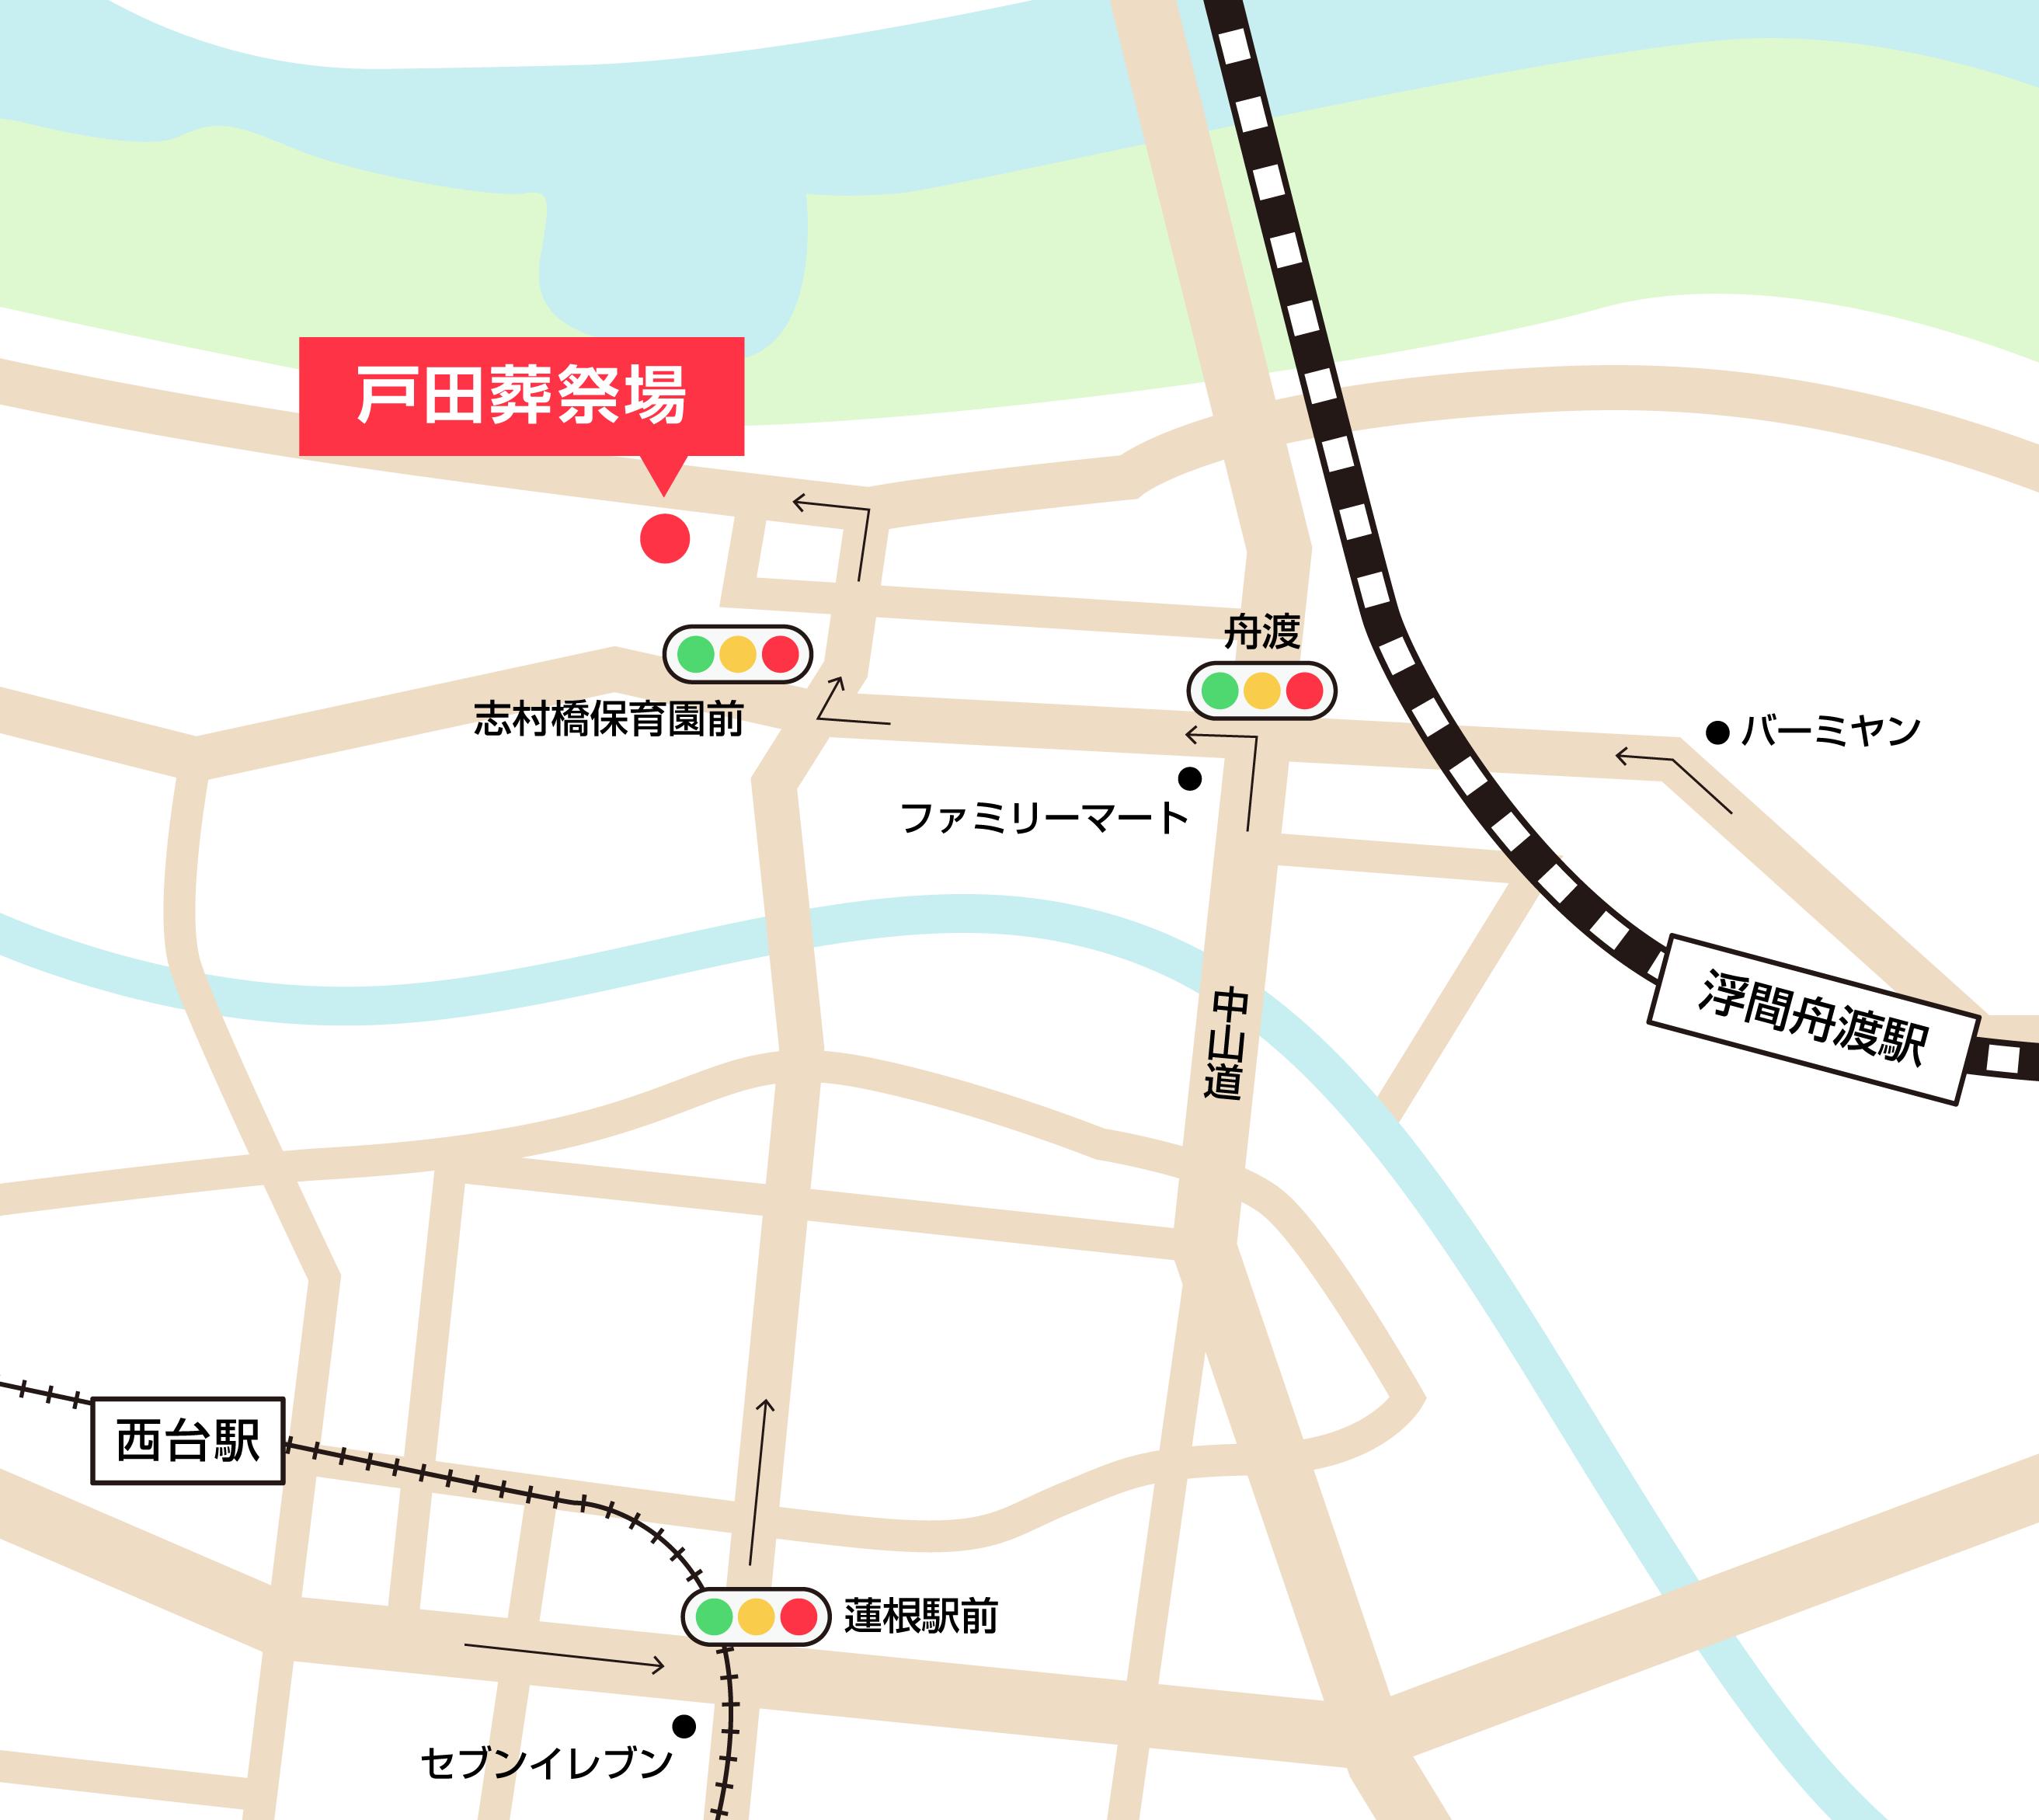 戸田葬祭場への車での行き方・アクセスを記した地図